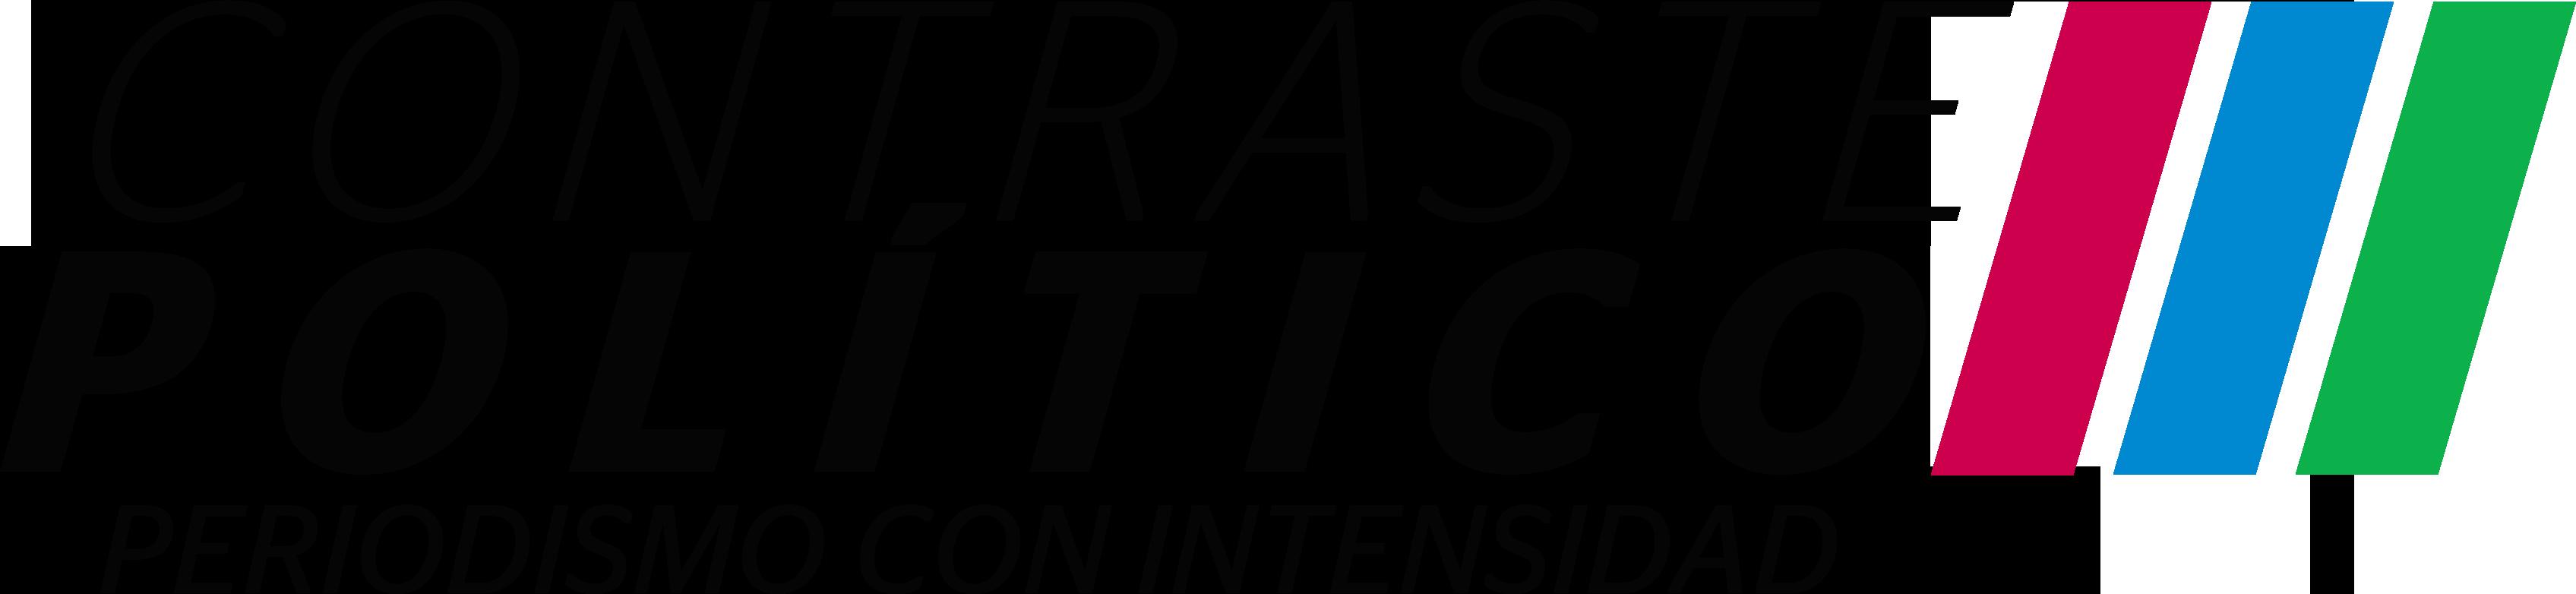 Contraste Político | Periodismo con intensidad